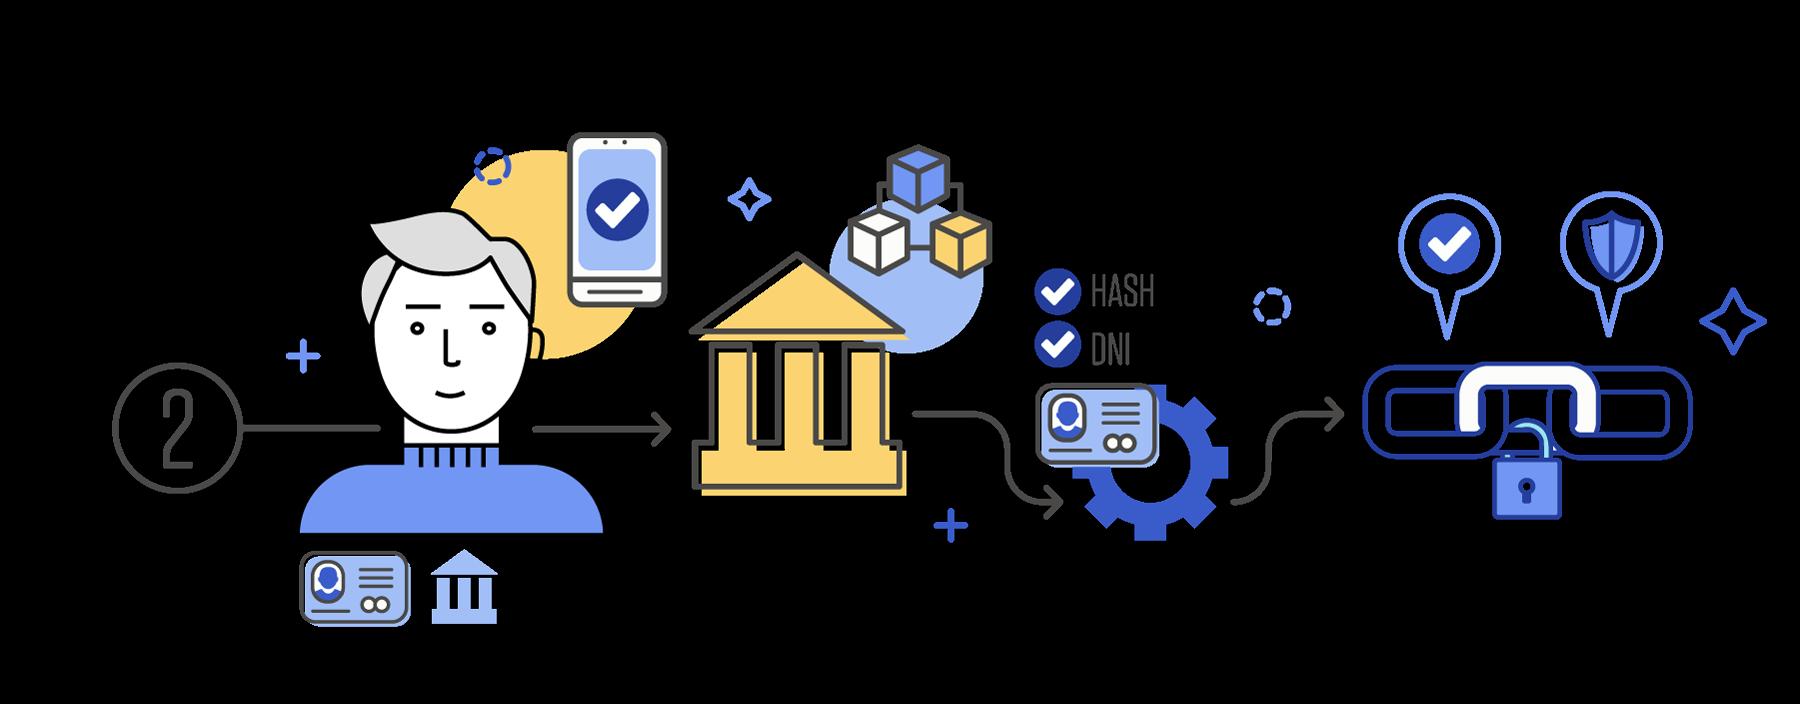 Niuron - plataforma de identidad digital